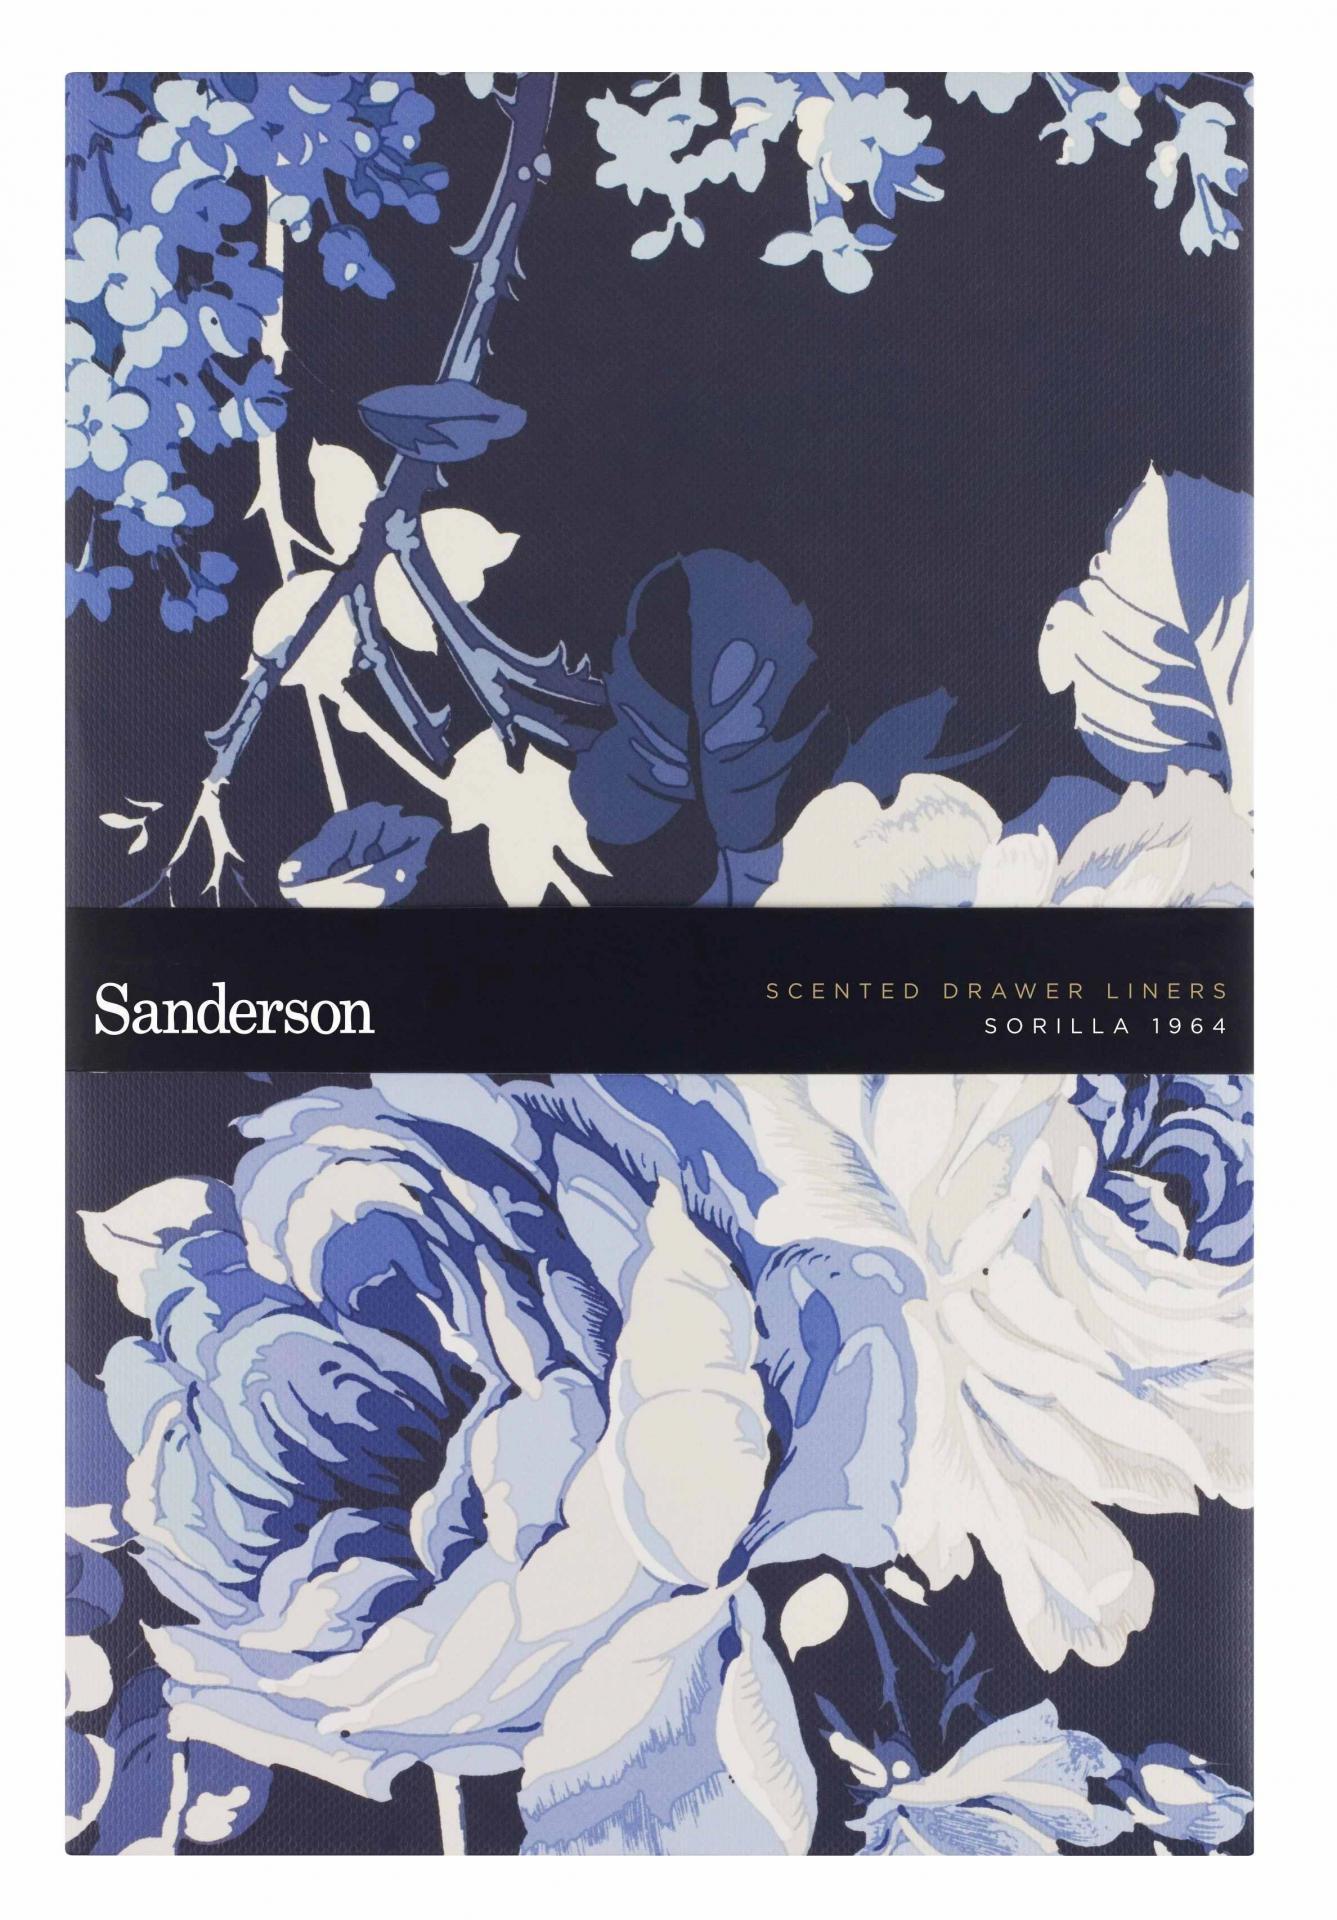 Sanderson Vonné papíry do zásuvky/skříně Sorilla 1964 - 5 ks, modrá barva, papír